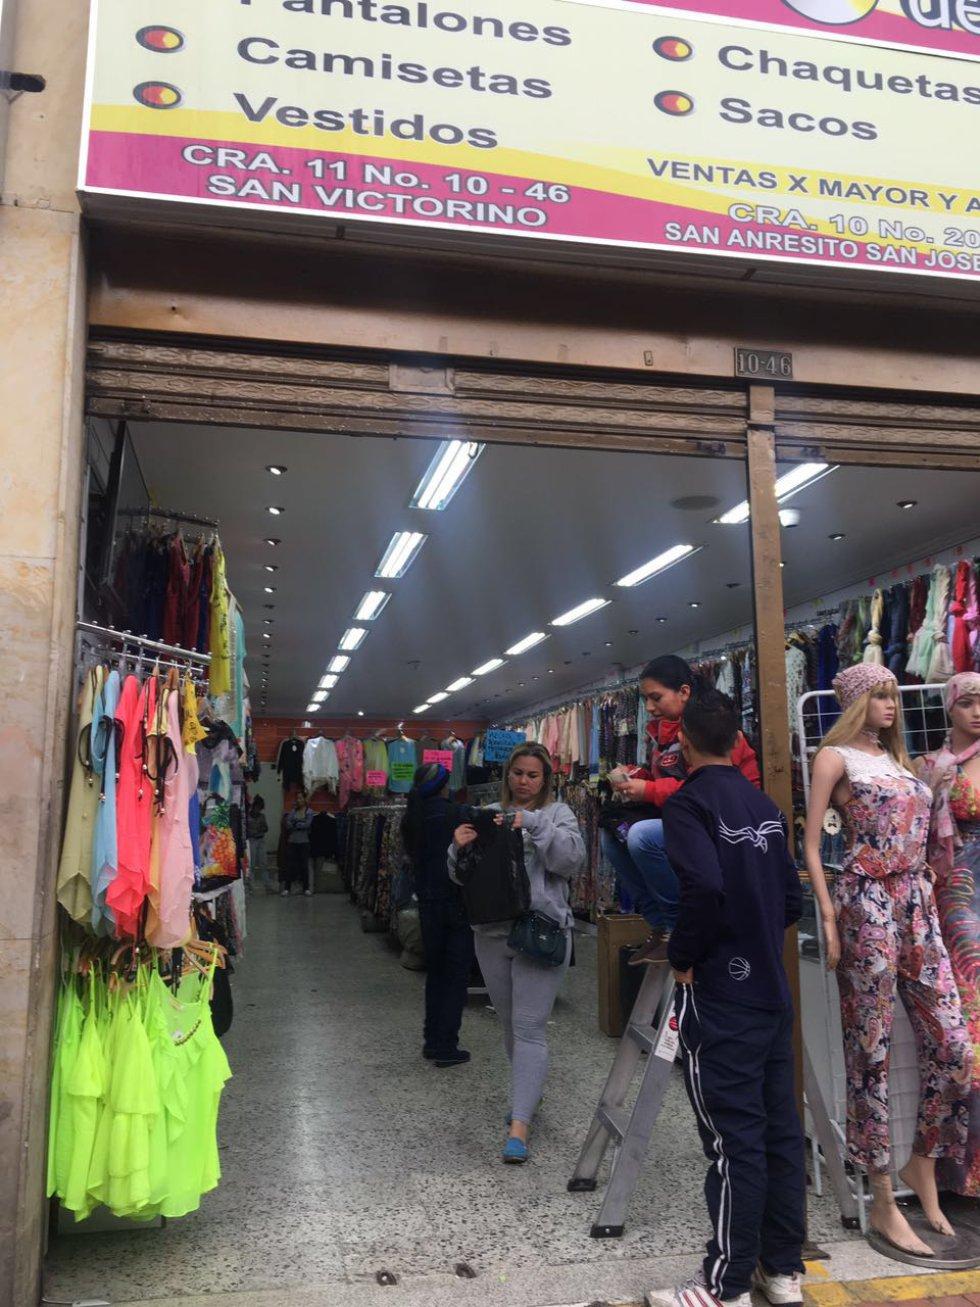 alondra consola Permanecer  Comercio de productos chinos en Bogotá: [Fotos] El comercio en Bogotá está  tomado por chinos | Fotogalería | Bogotá | Caracol Radio